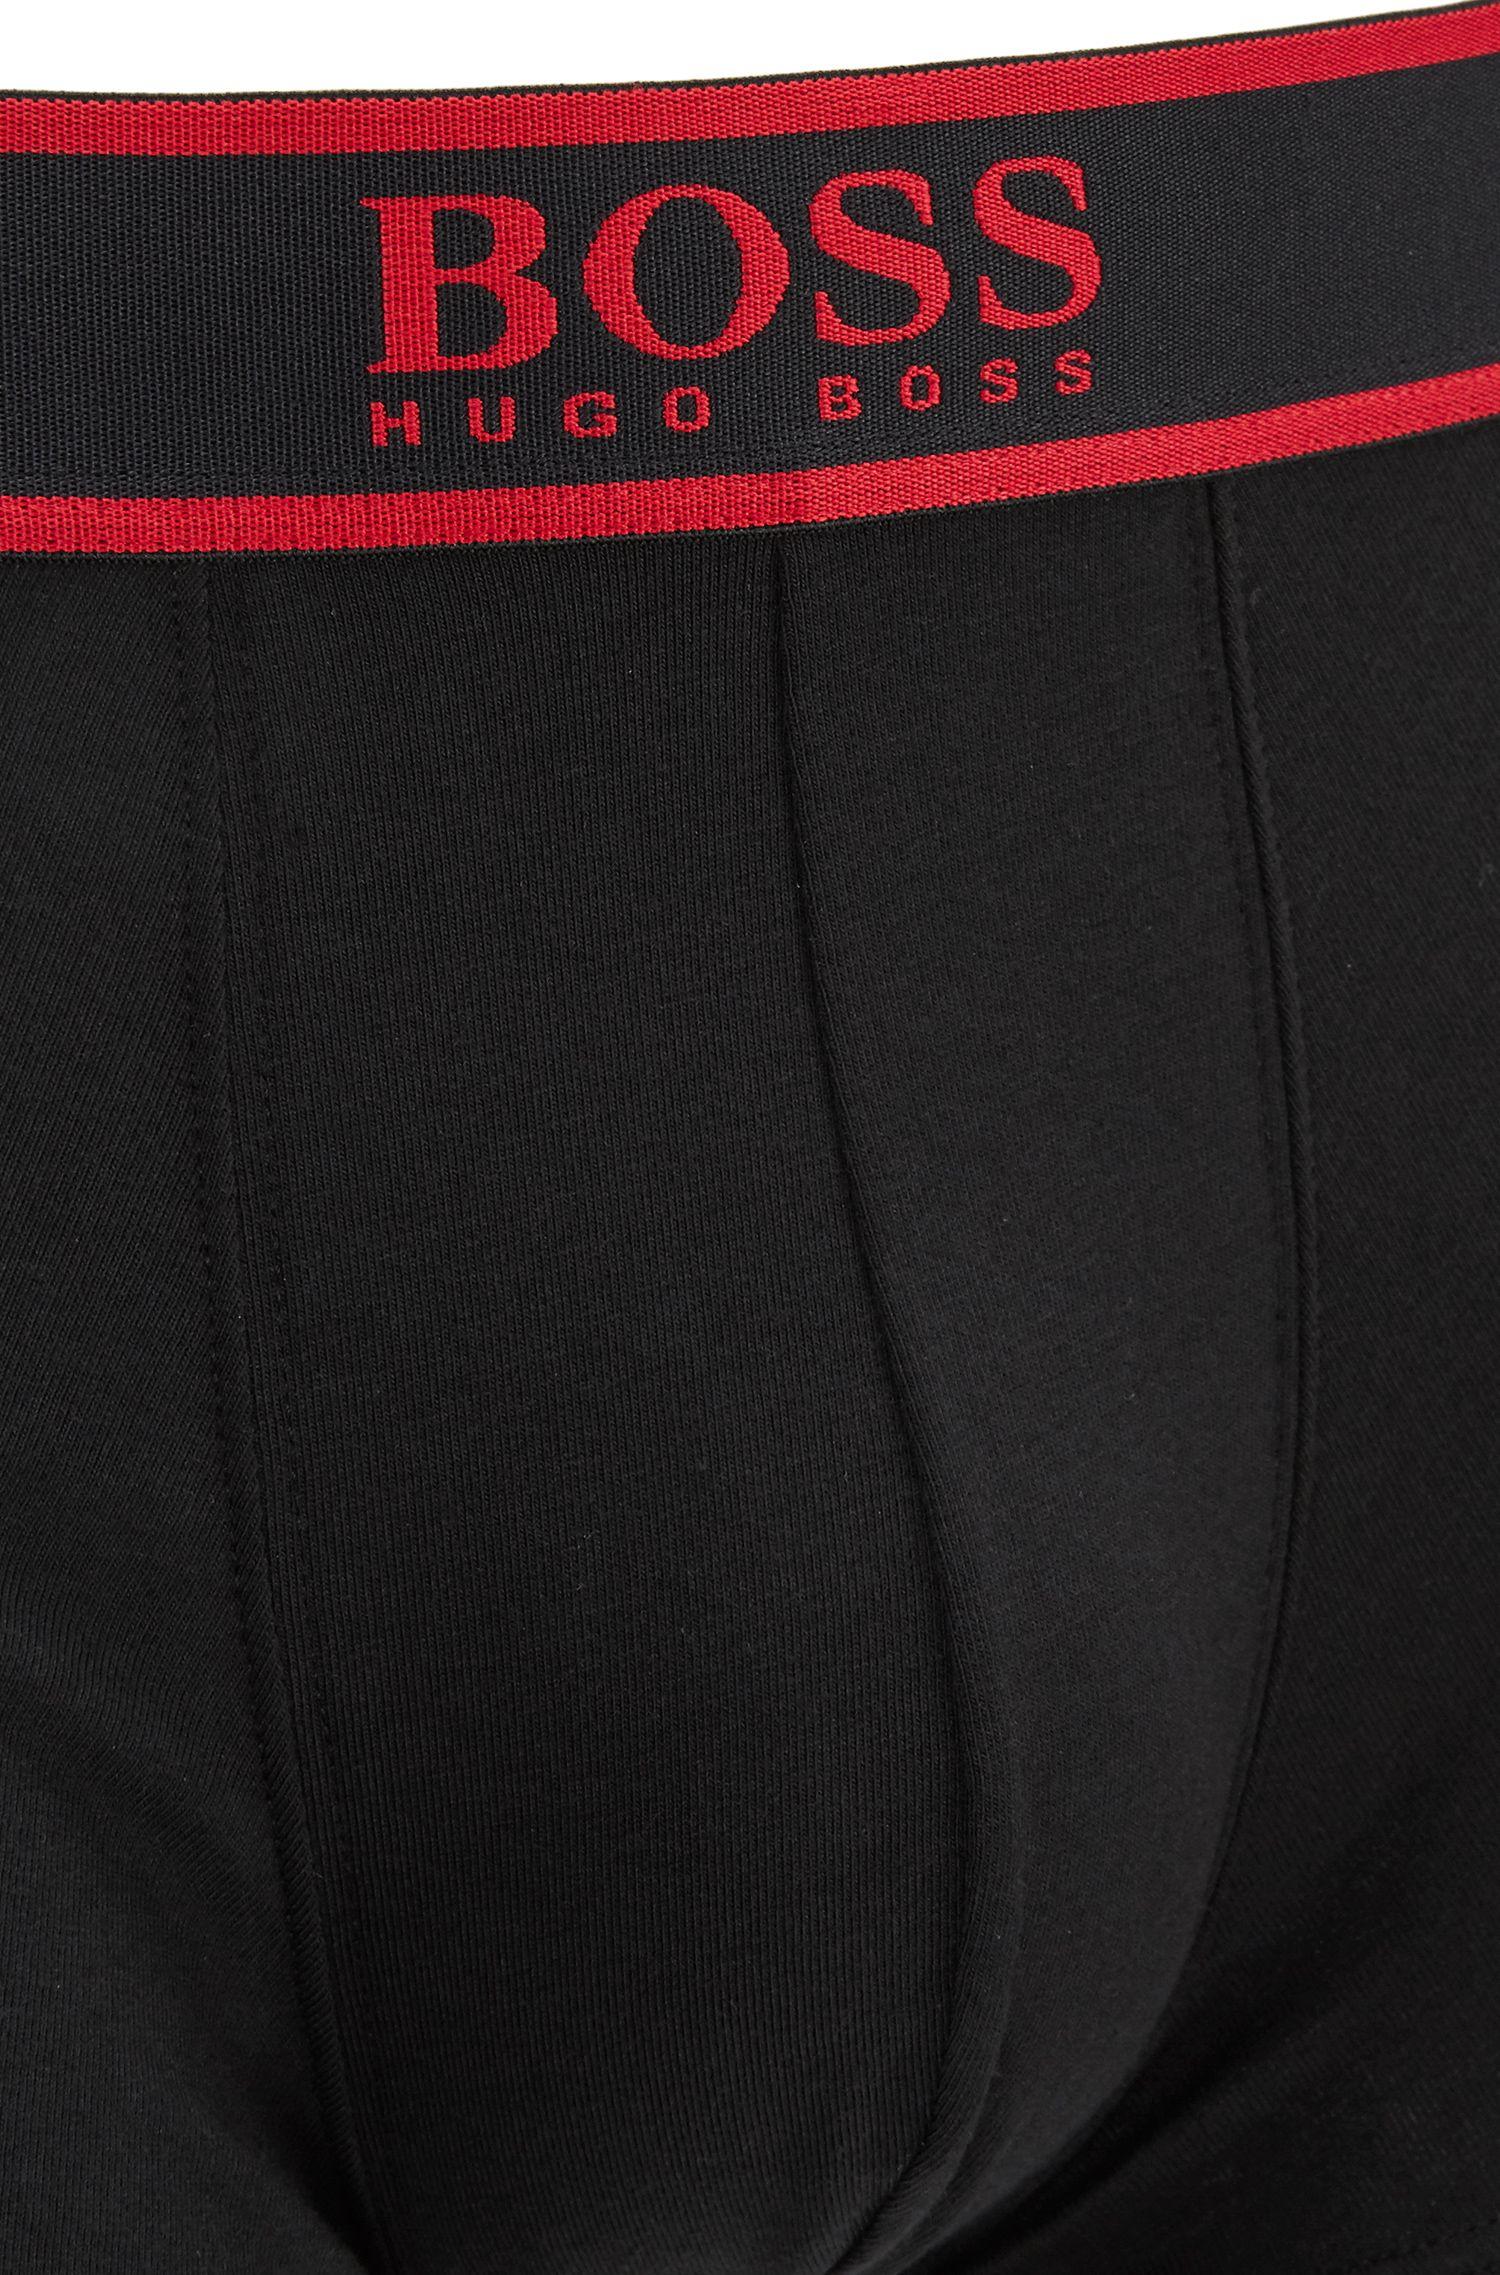 Calzoncillos bóxer cortos en algodón elástico con logo en la cintura